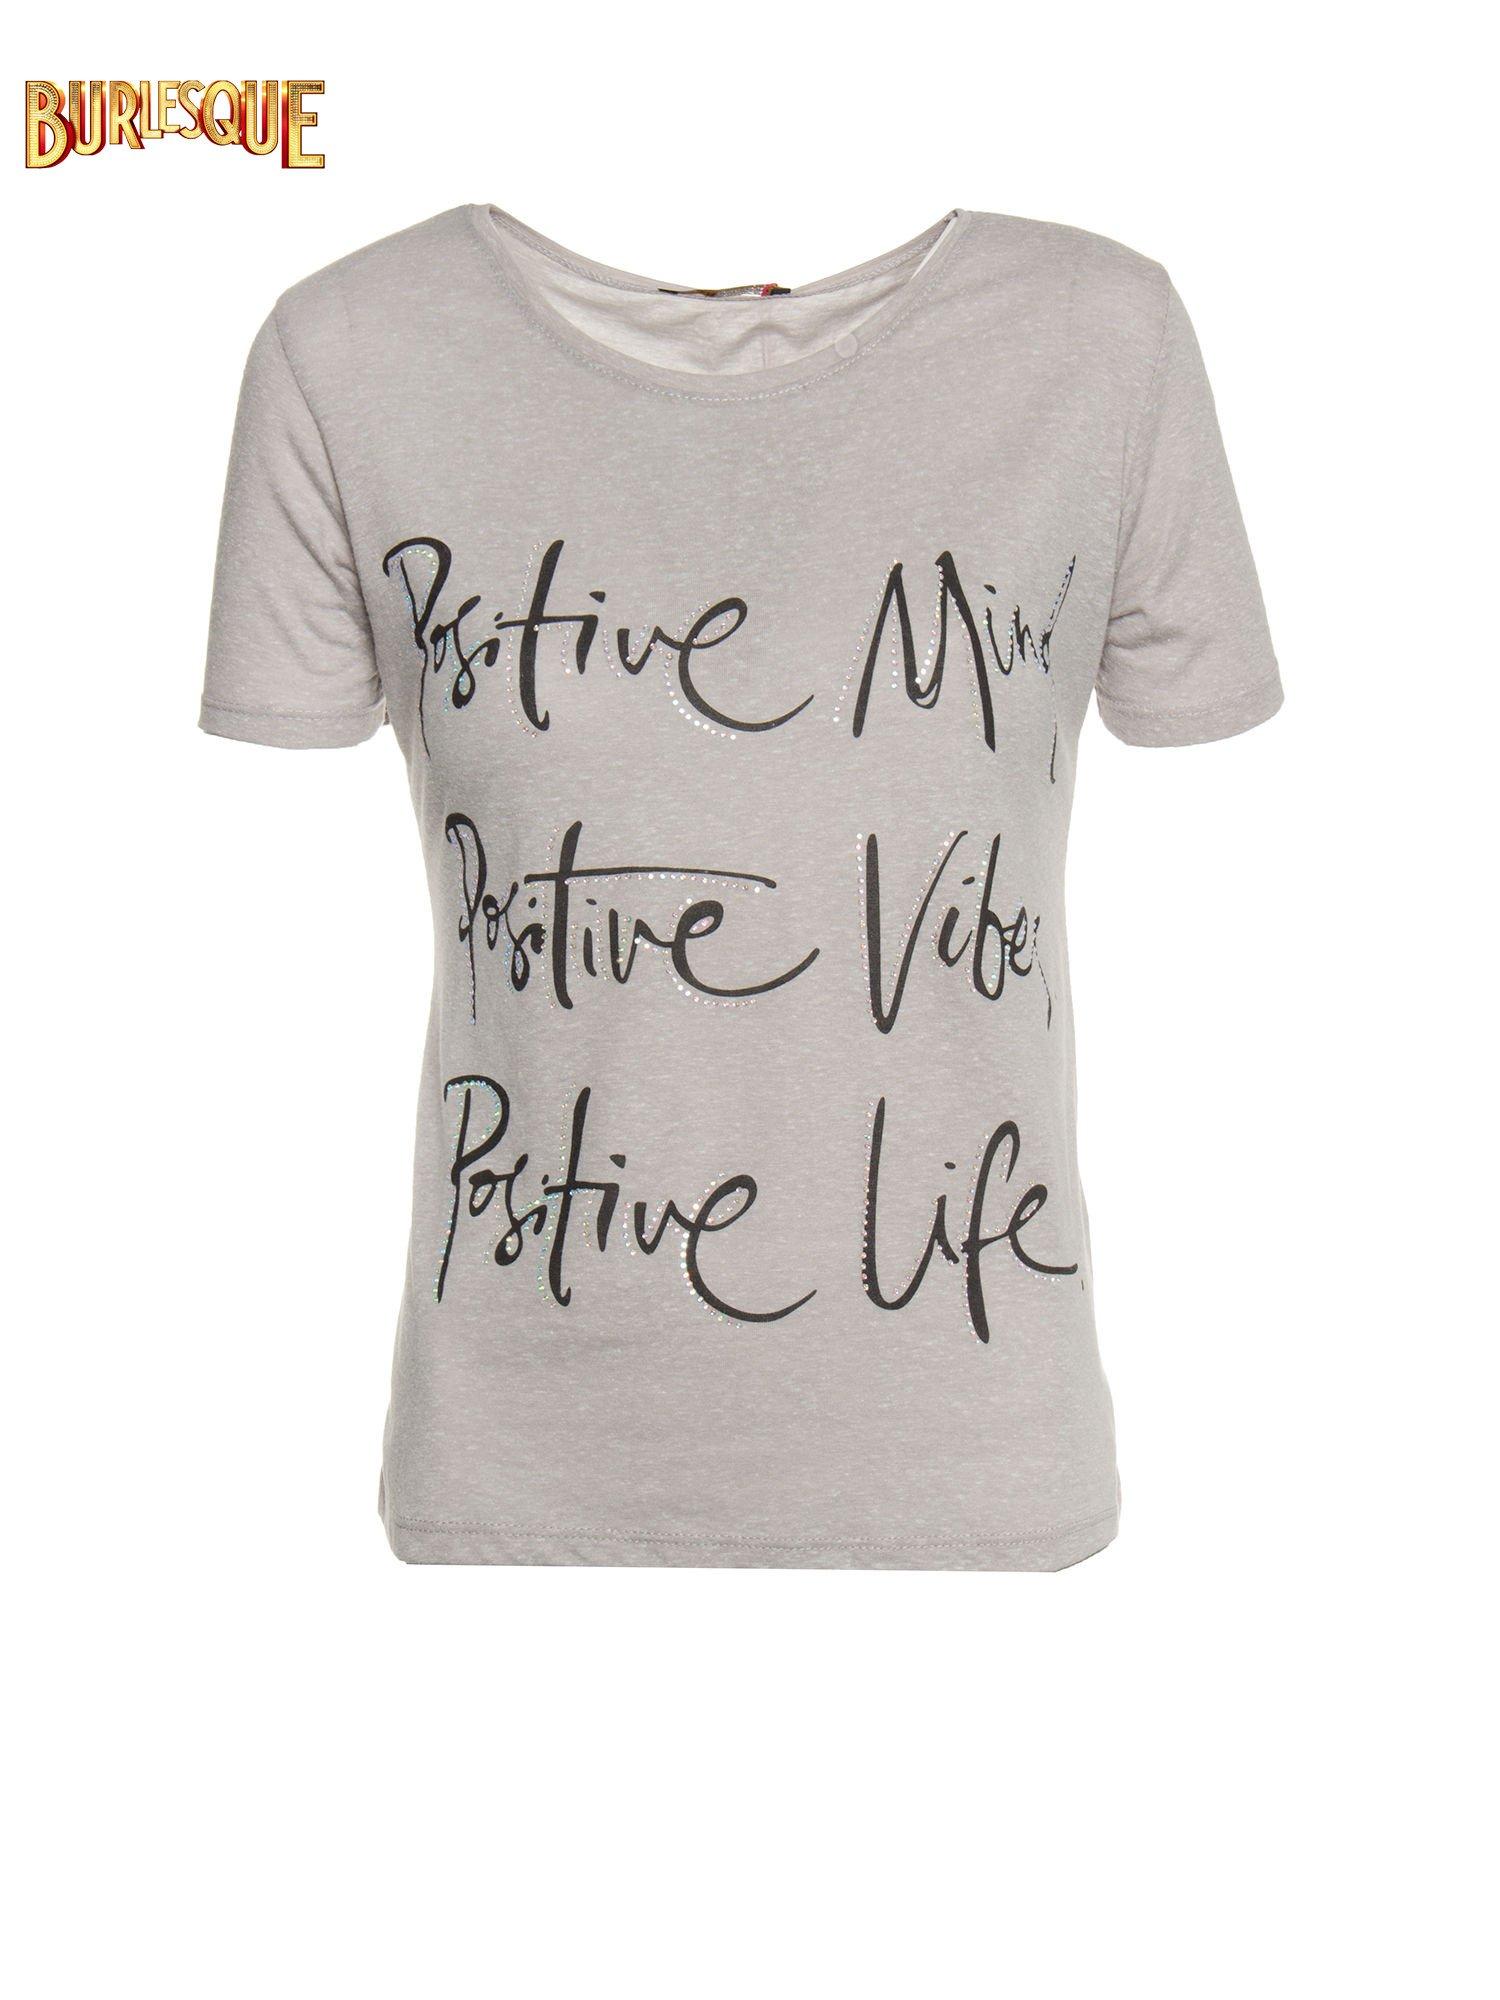 Szary t-shirt z napisem POSITIVE MIND z dżetami                                  zdj.                                  1